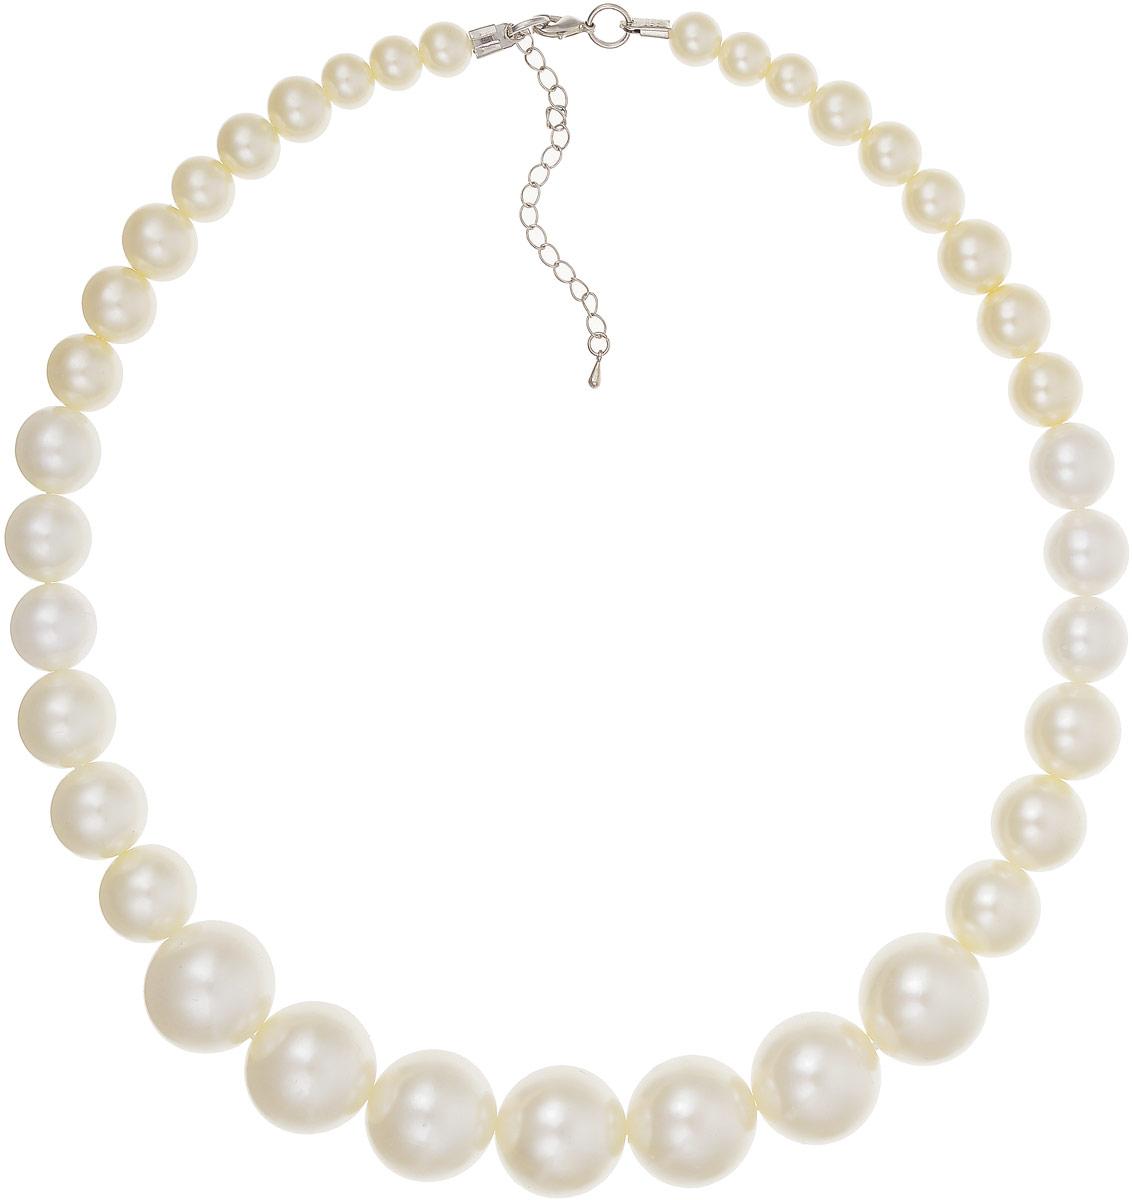 Ожерелье Art-Silver, цвет: белый. 23117-29223117-292Ожерелье Art-Silver выполнено из жемчуга разных разного размера. Модель застегивается на карабин и регулируется по длине.